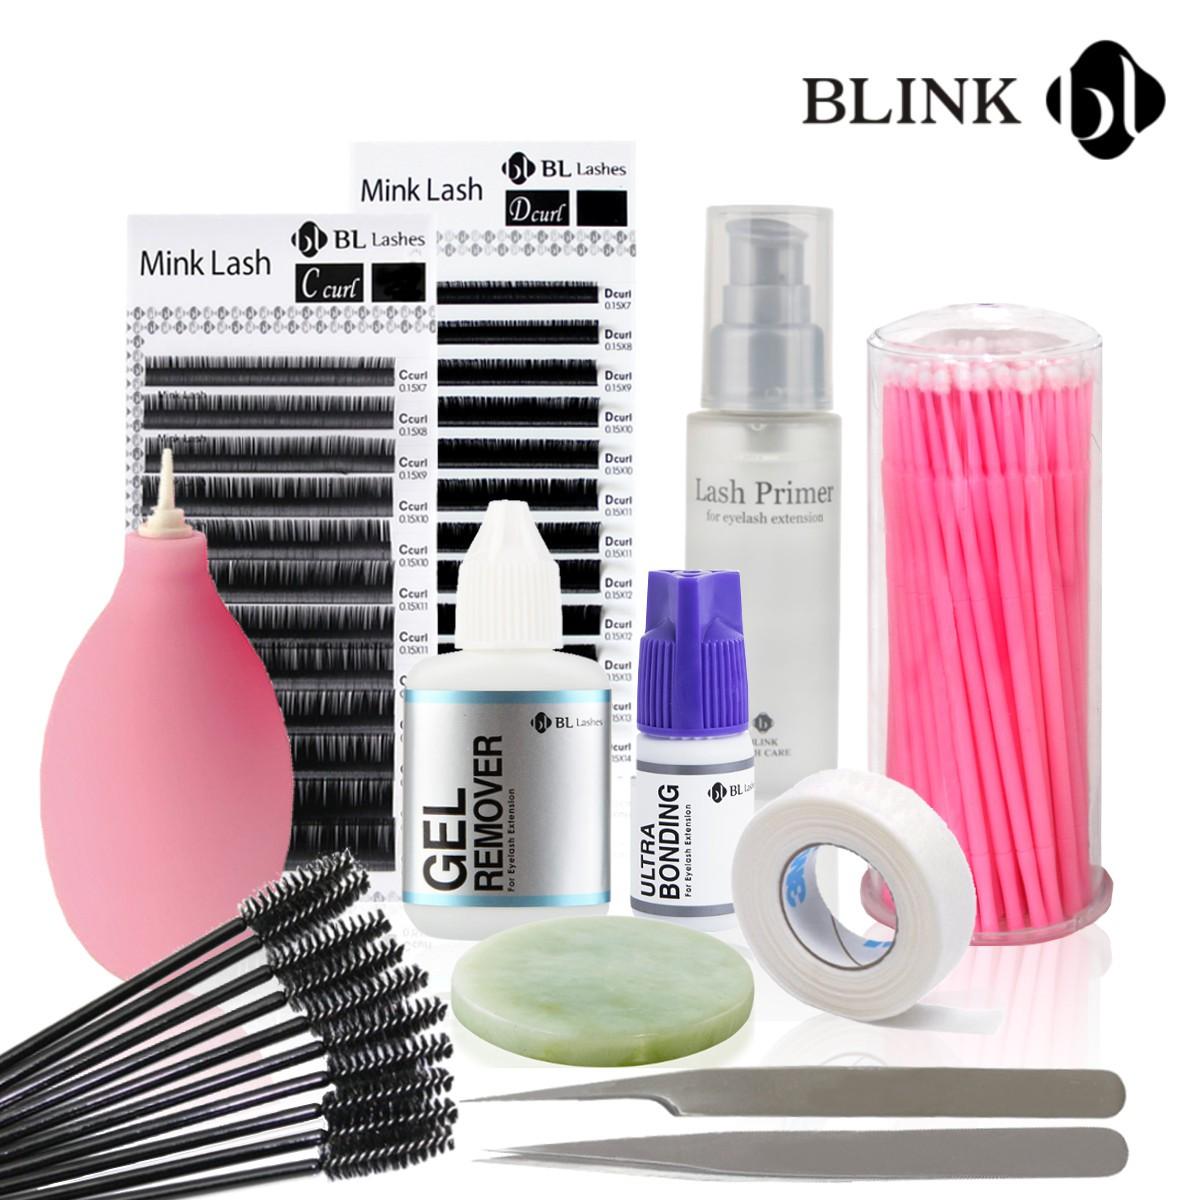 Blink Starterspakket